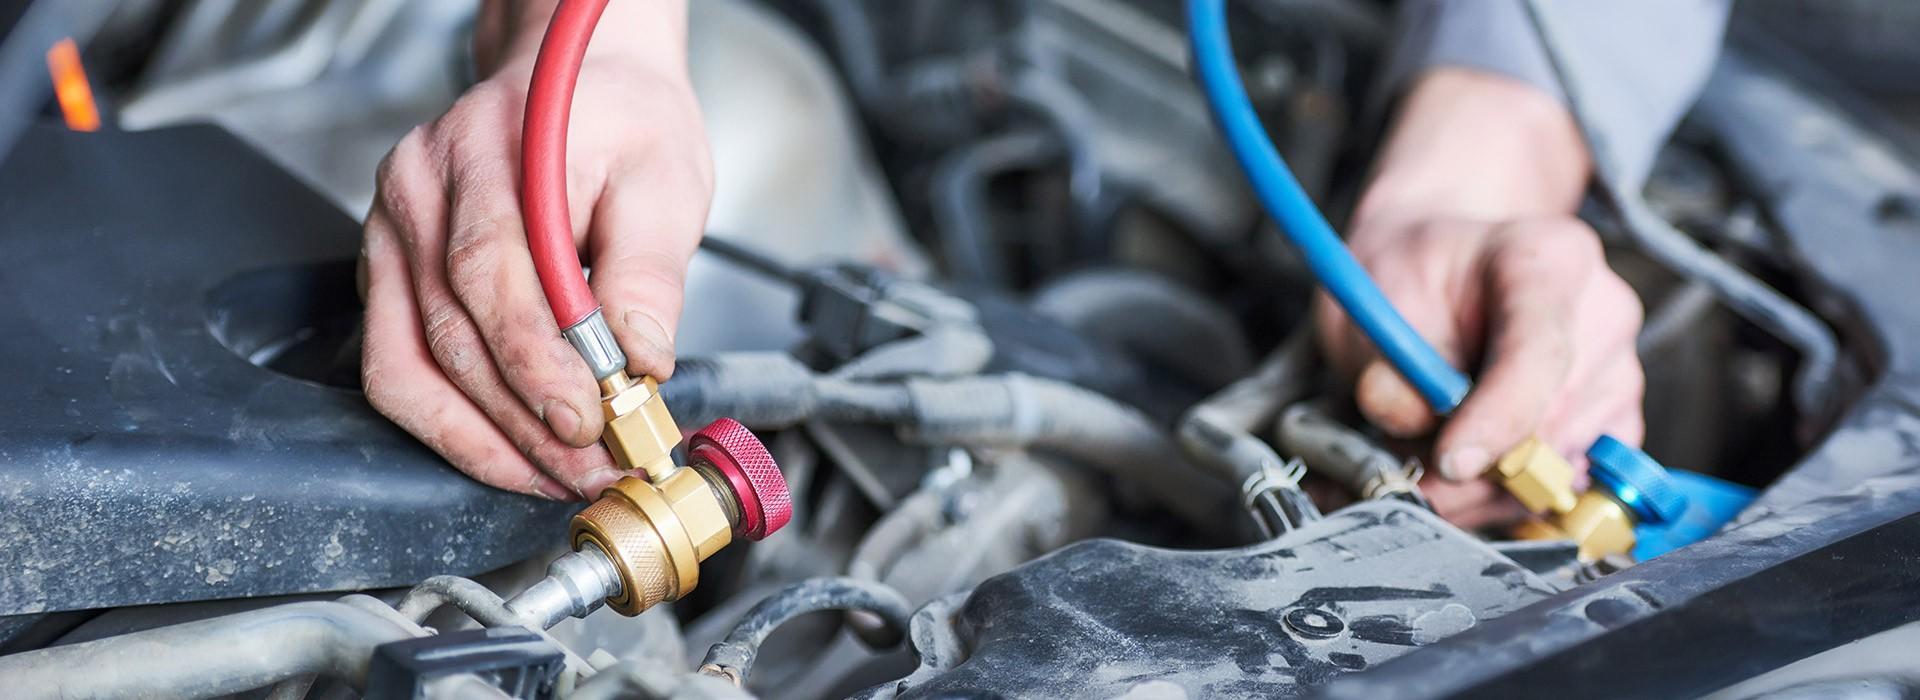 Importanța sistemului de climatizare pe mașinile moderne SLDR.jpg